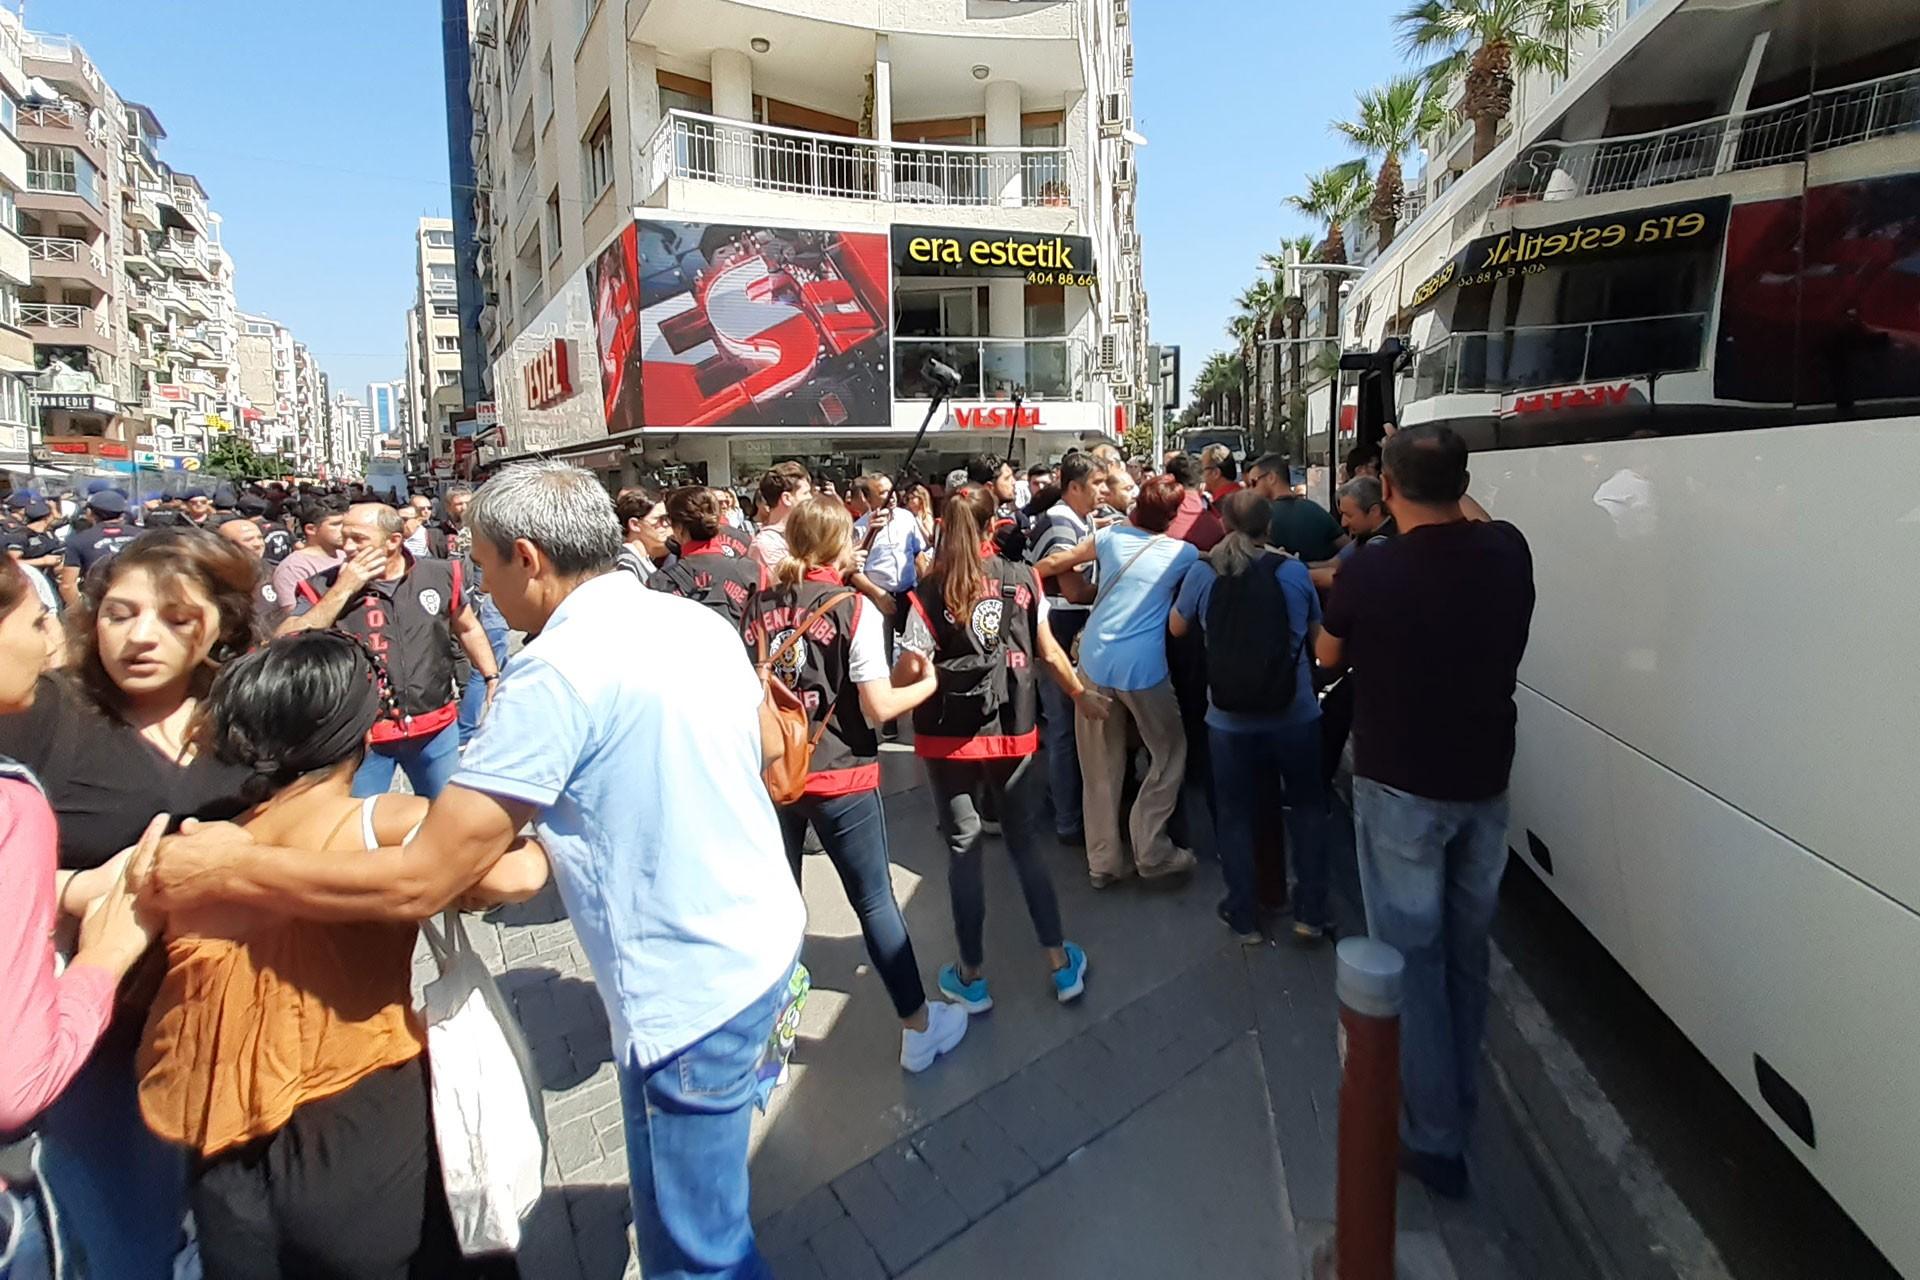 İzmir'de kayyum protestosunda 6 kişi gözaltına alındı